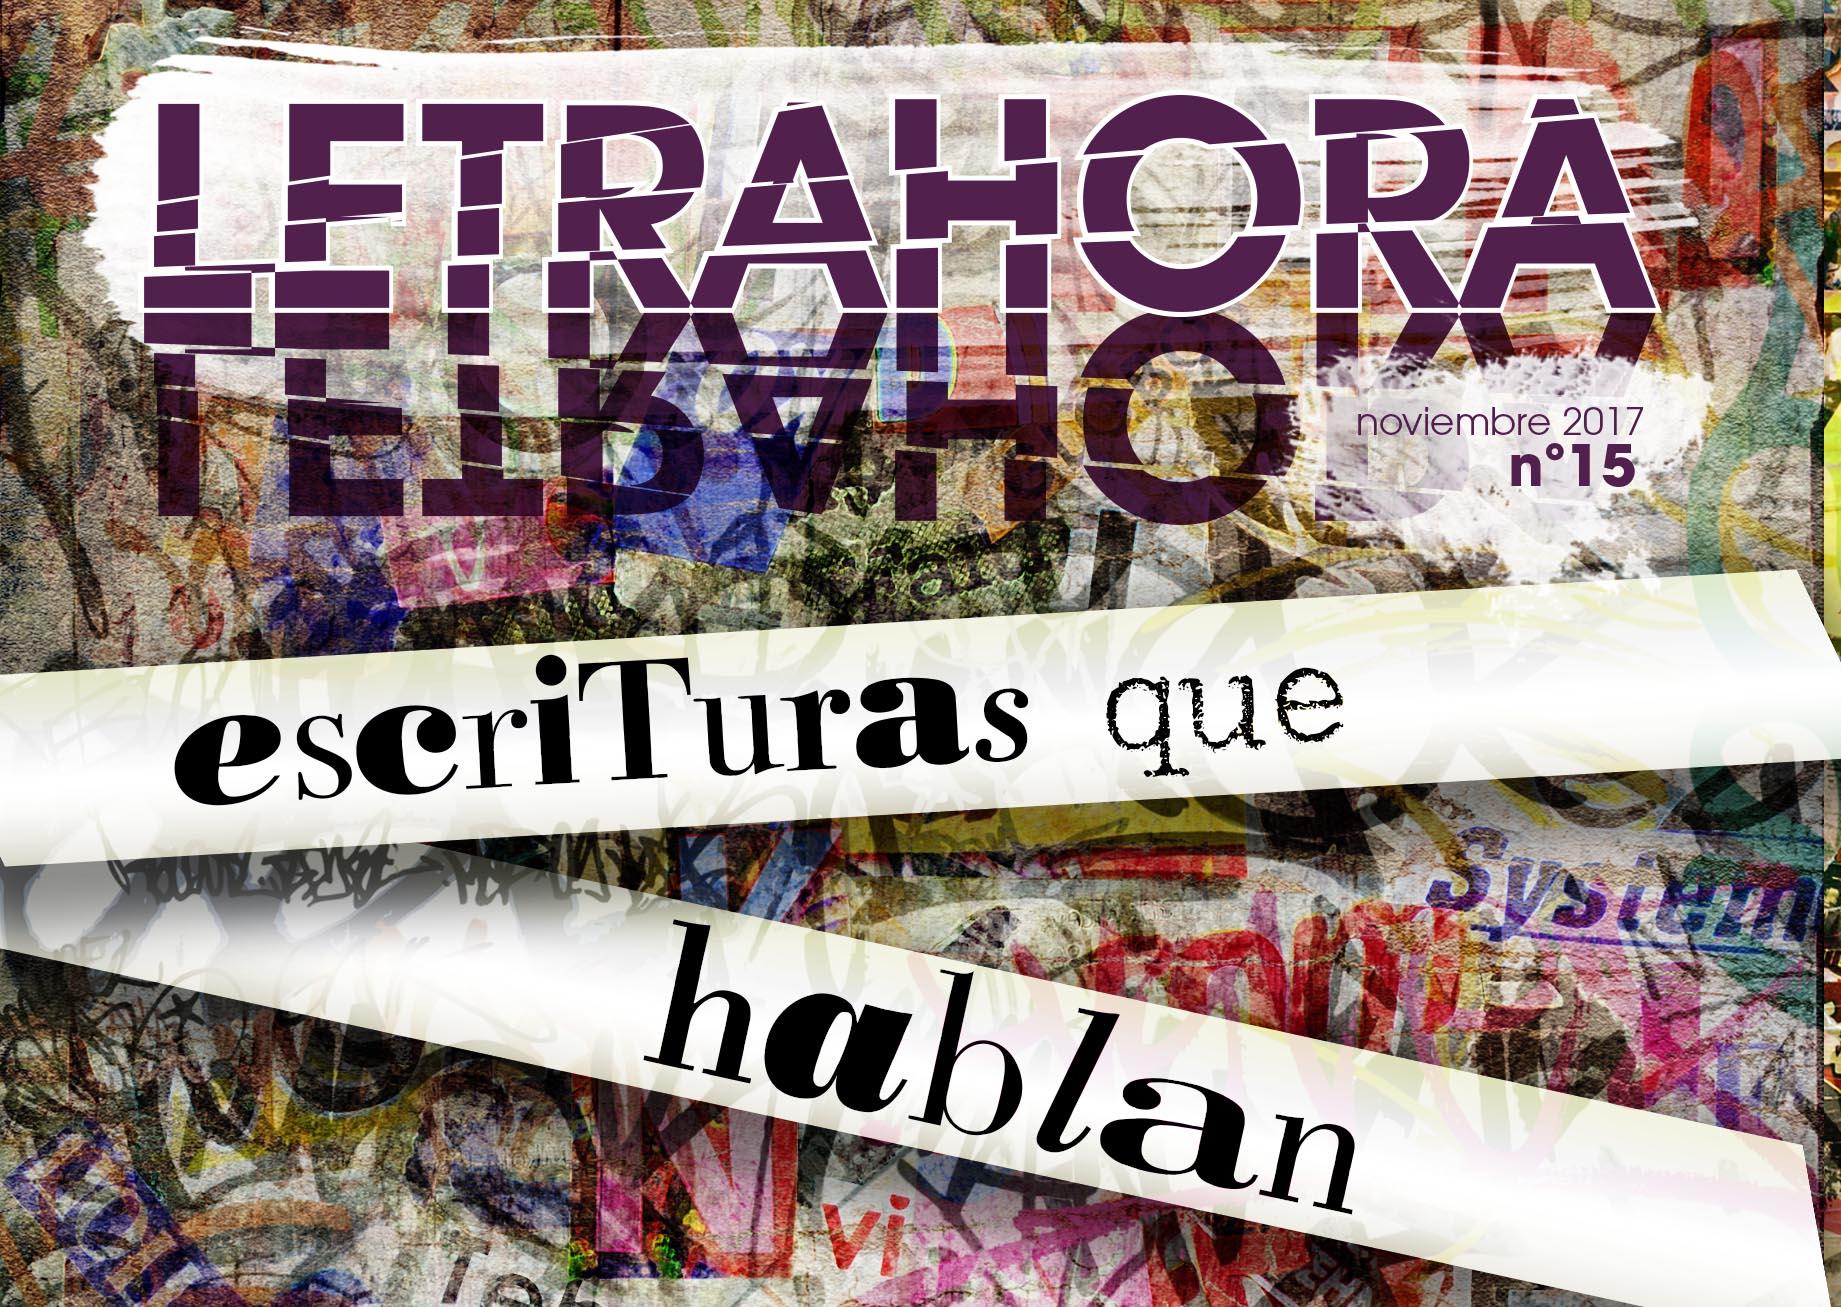 LetraHora-15